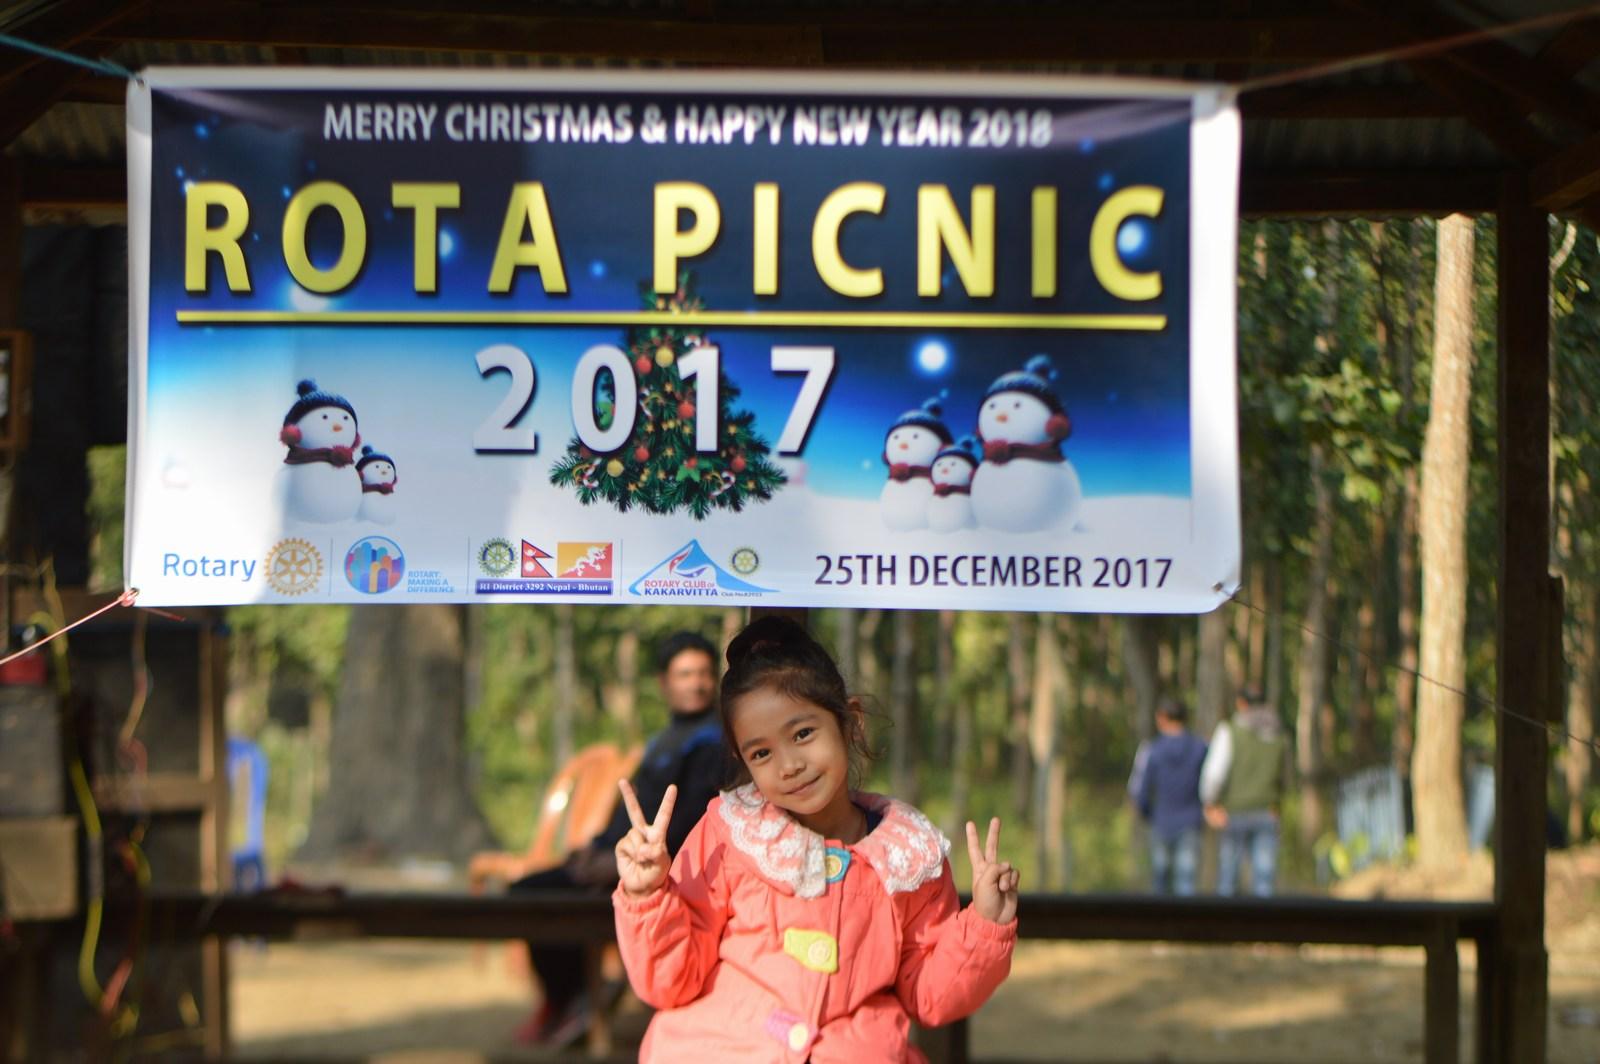 Rota-Picnic-2017-Rotary-Club-of-Kakarvitta-9